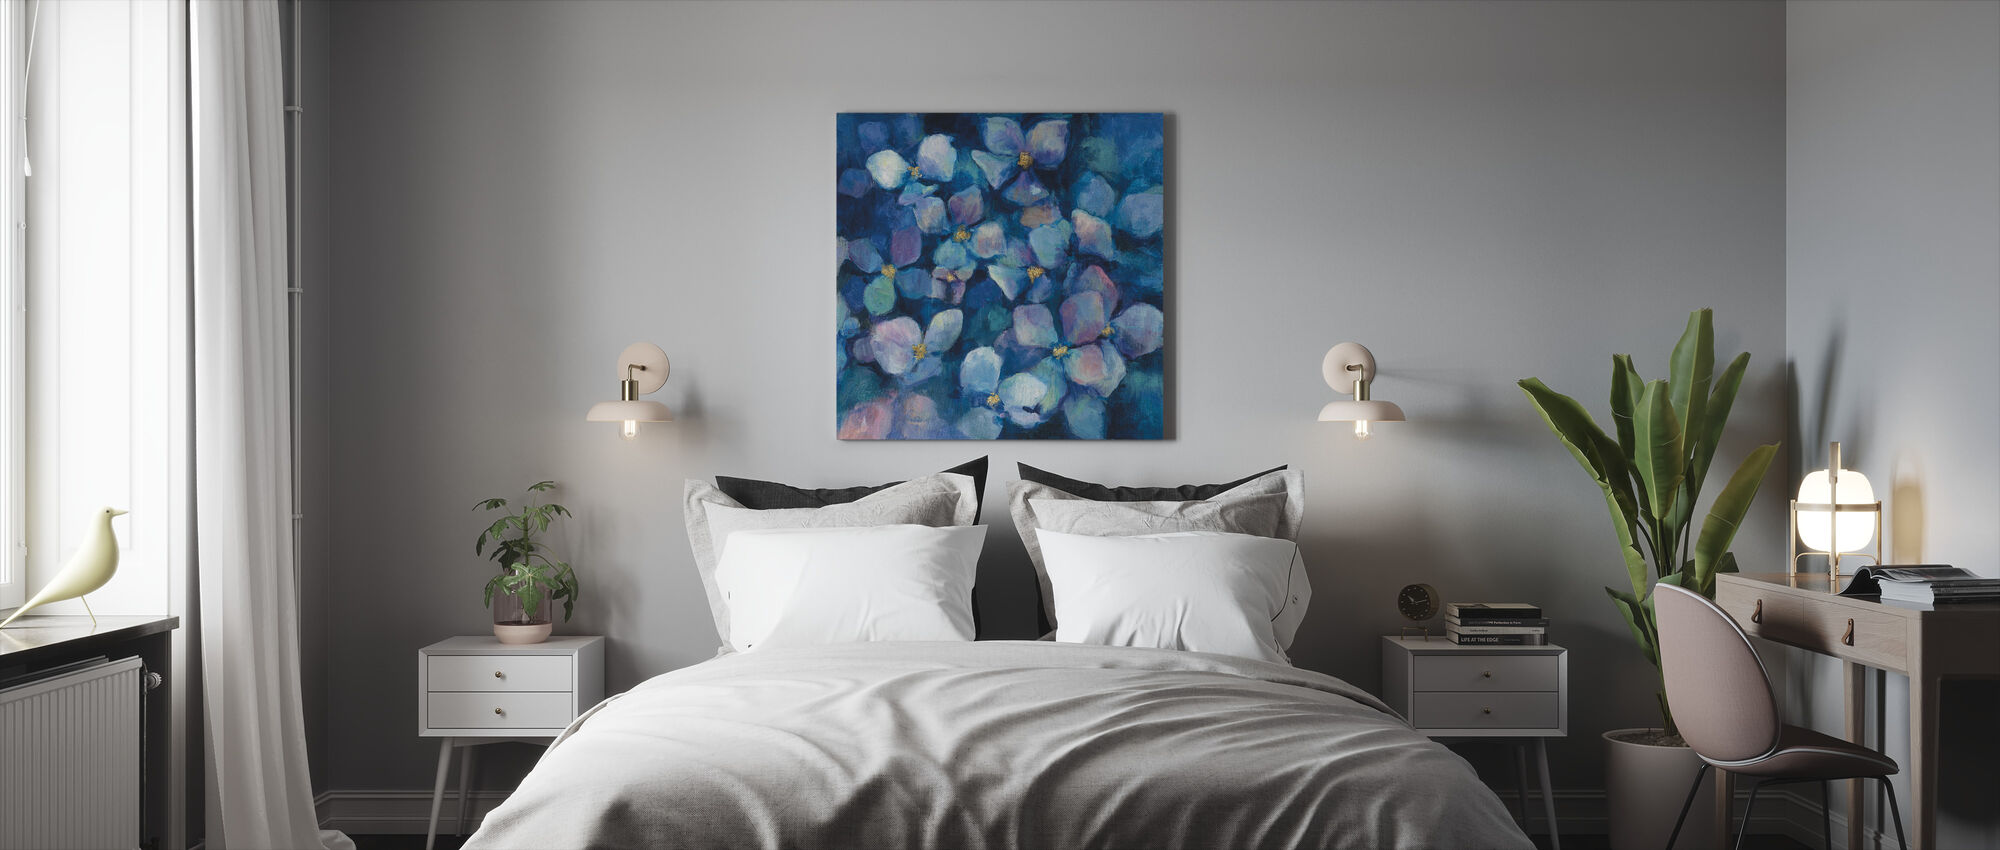 Midnight Blue Hortensien mit Gold - Leinwandbild - Schlafzimmer